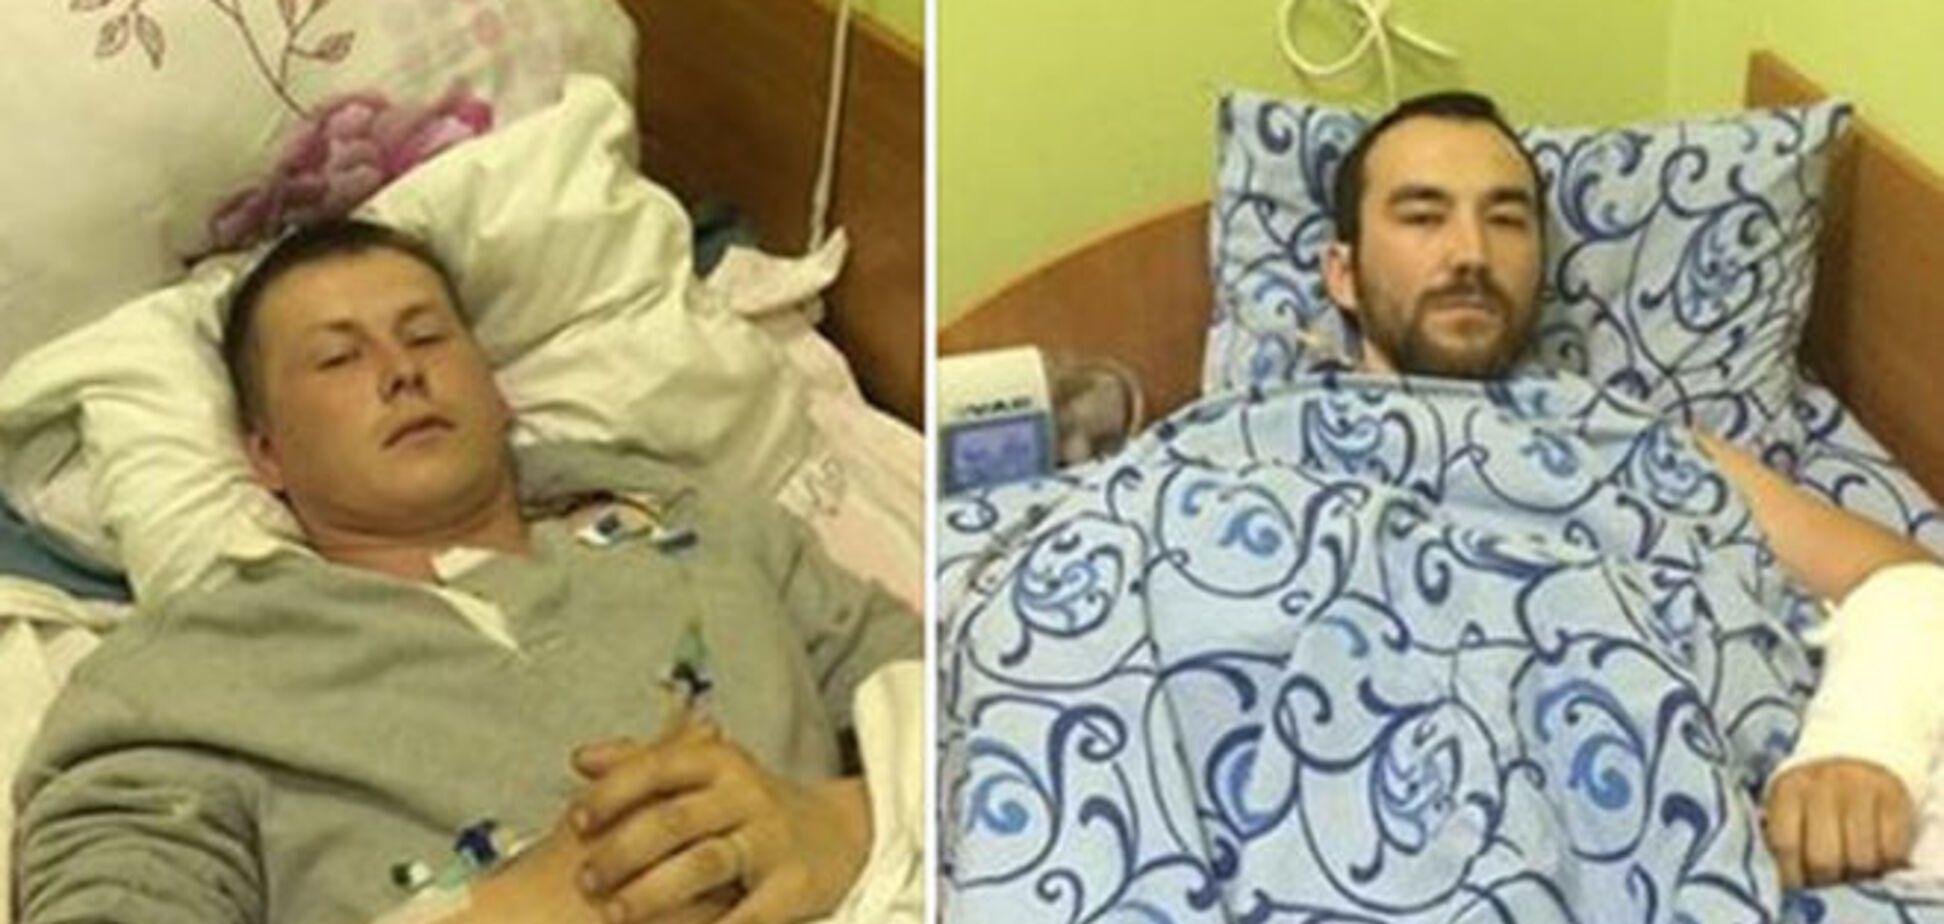 ОБСЕ: пленные ГРУшники признали, что они кадровые военные России